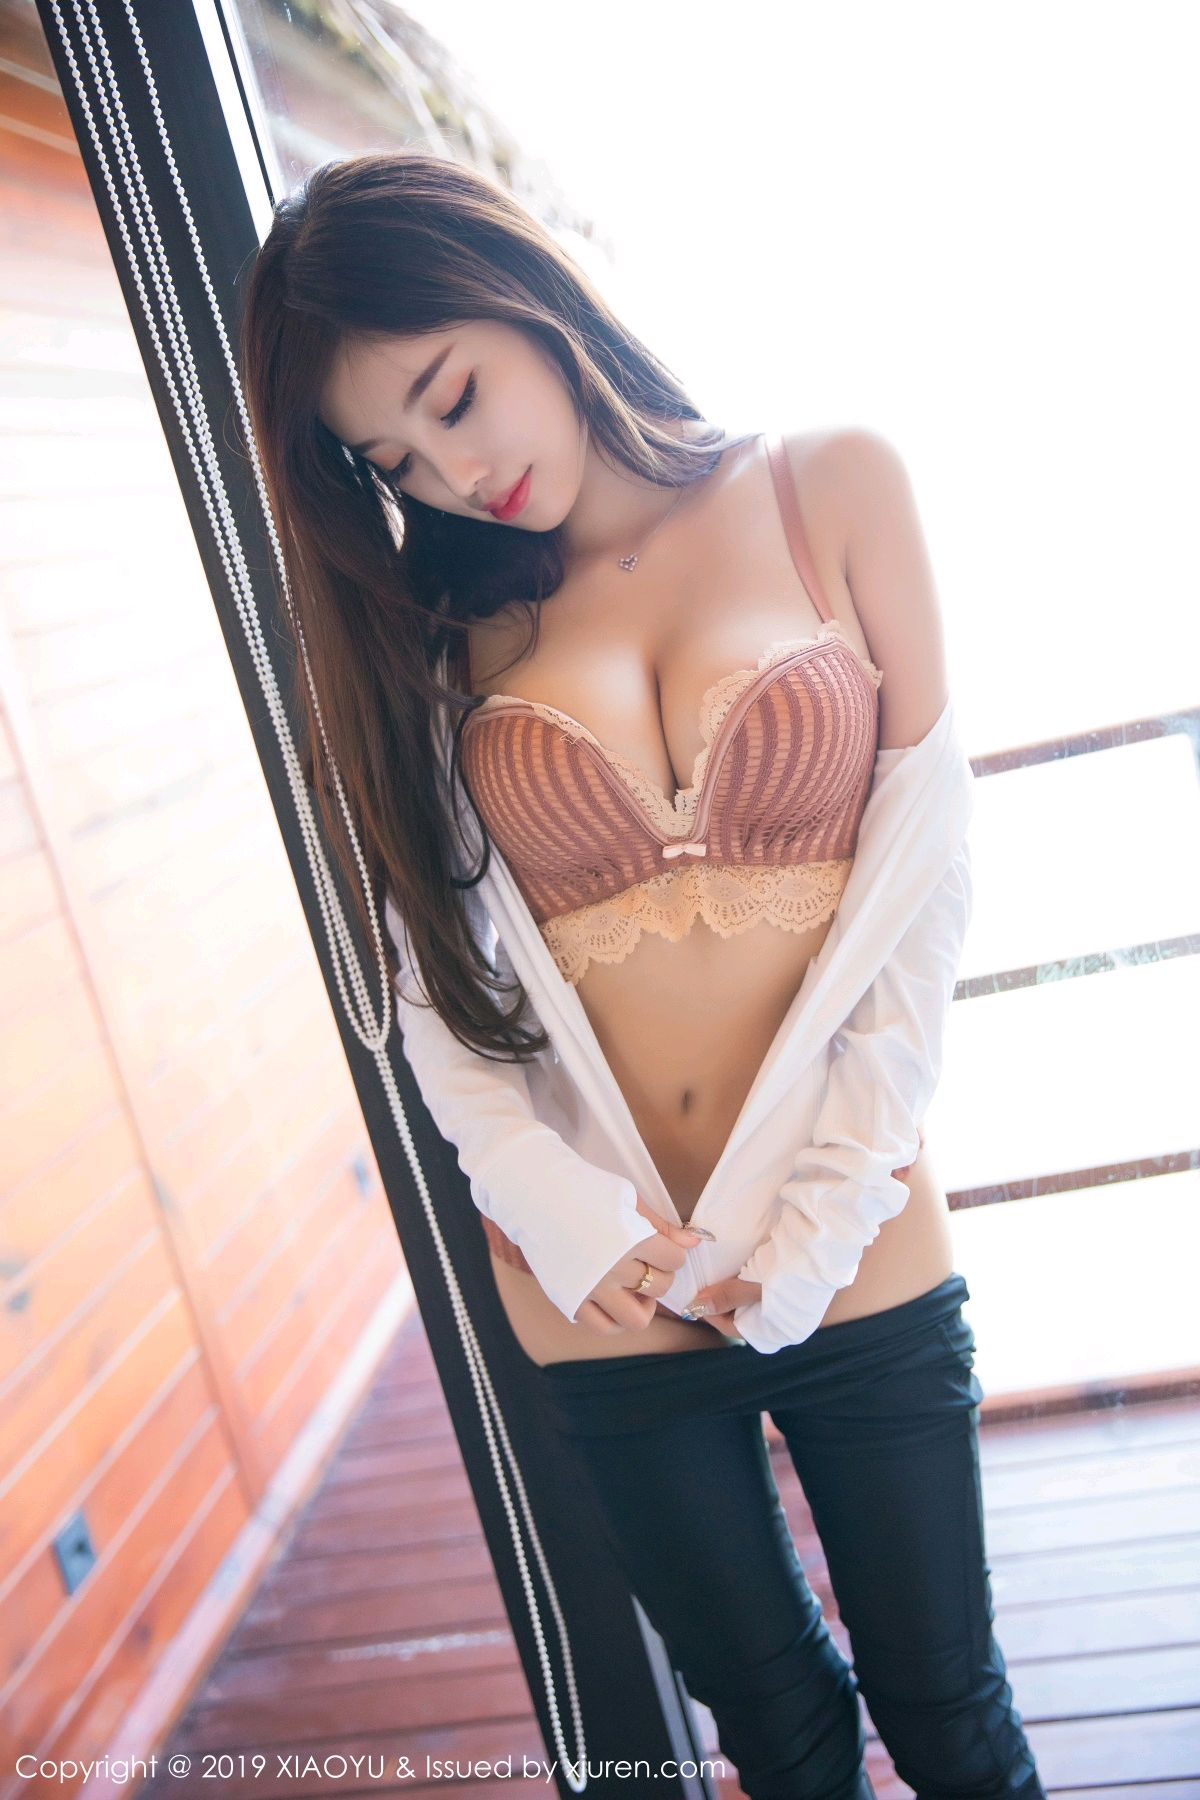 [XiaoYu] Vol.077 Yang Chen Chen Sugar 44P, Underwear, XiaoYu, Yang Chen Chen